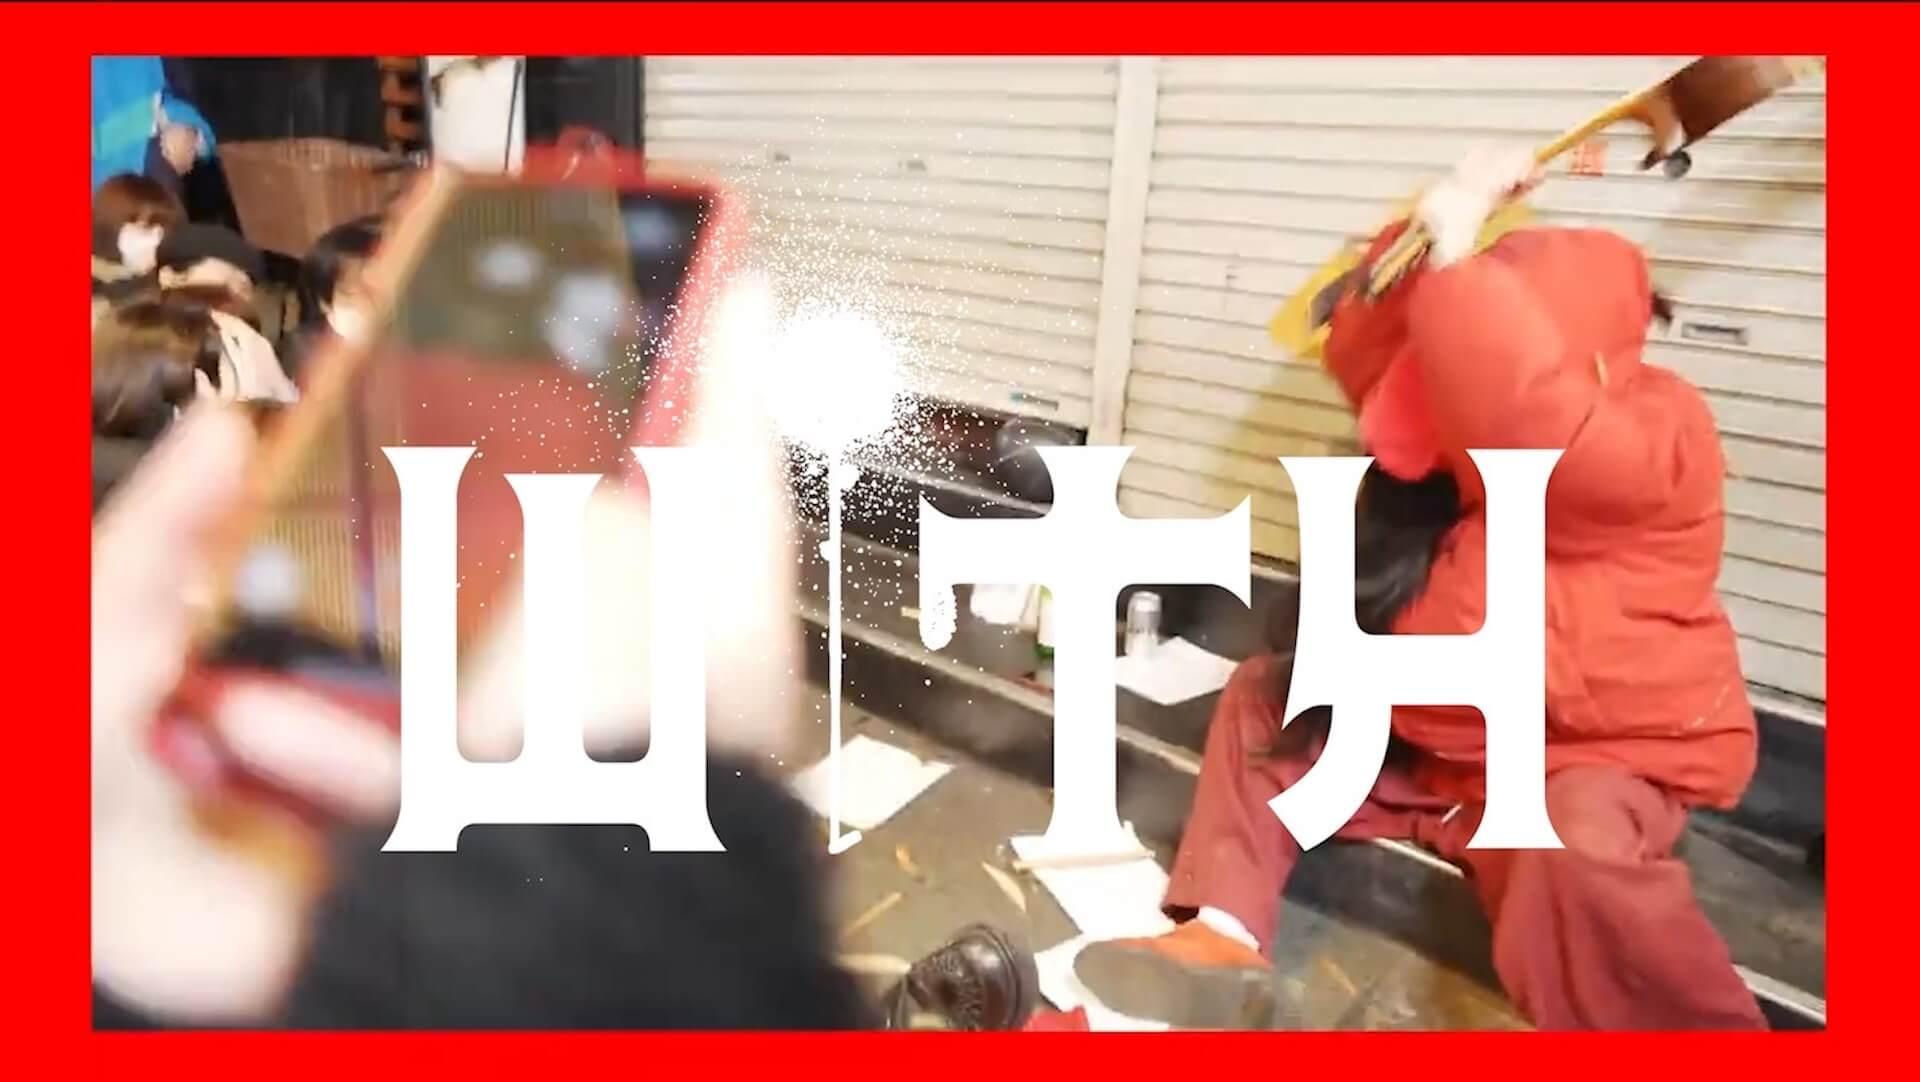 GEZANとマヒト監督の映画『i ai』に迫るドキュメンタリー『#WiTH』が期間限定で公開|森山未來、平体雄二らも参加 film210921_iai_1